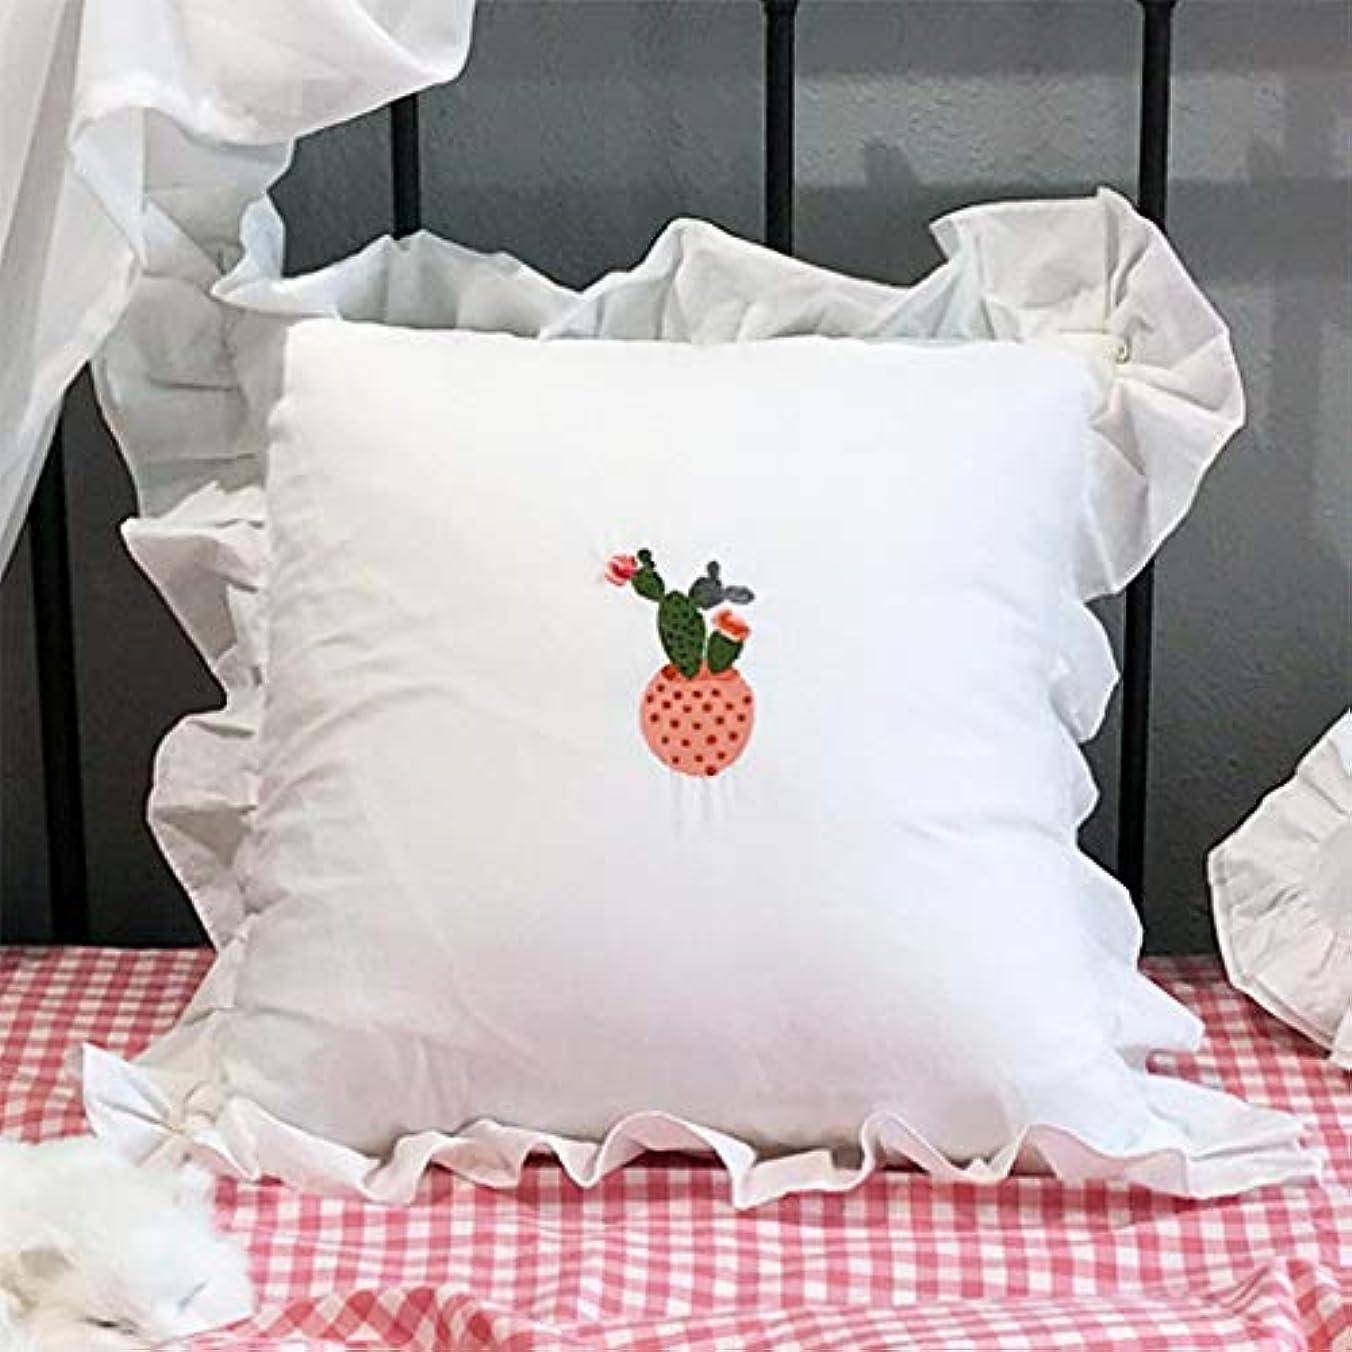 ラテン餌同情LIUXIN 刺繍入り枕、四角い家庭用取り外し可能および洗えるクッション、オプションのマルチパターン45cm×45cm ソファ枕 (パターン : D)